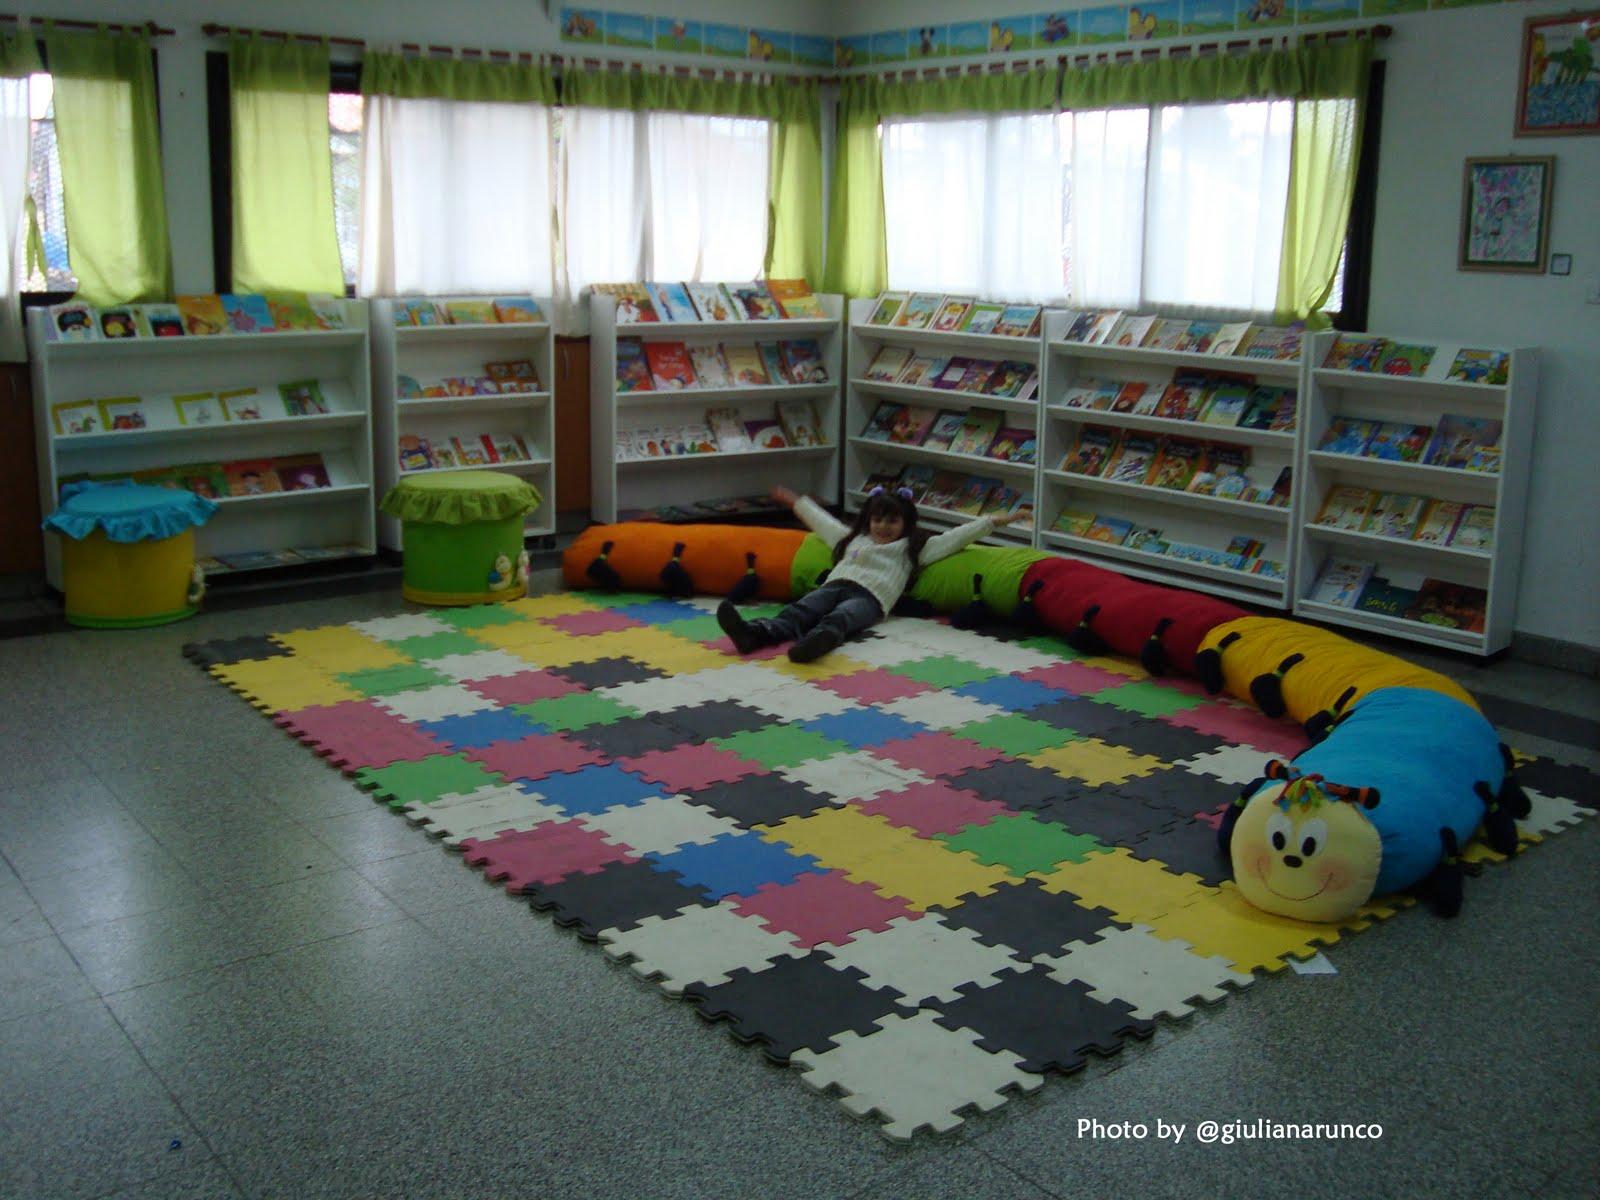 Playhouse disney y fundaci n leer inauguran biblioteca en un jard n de pablo podest for Juegos para nios jardin de infantes